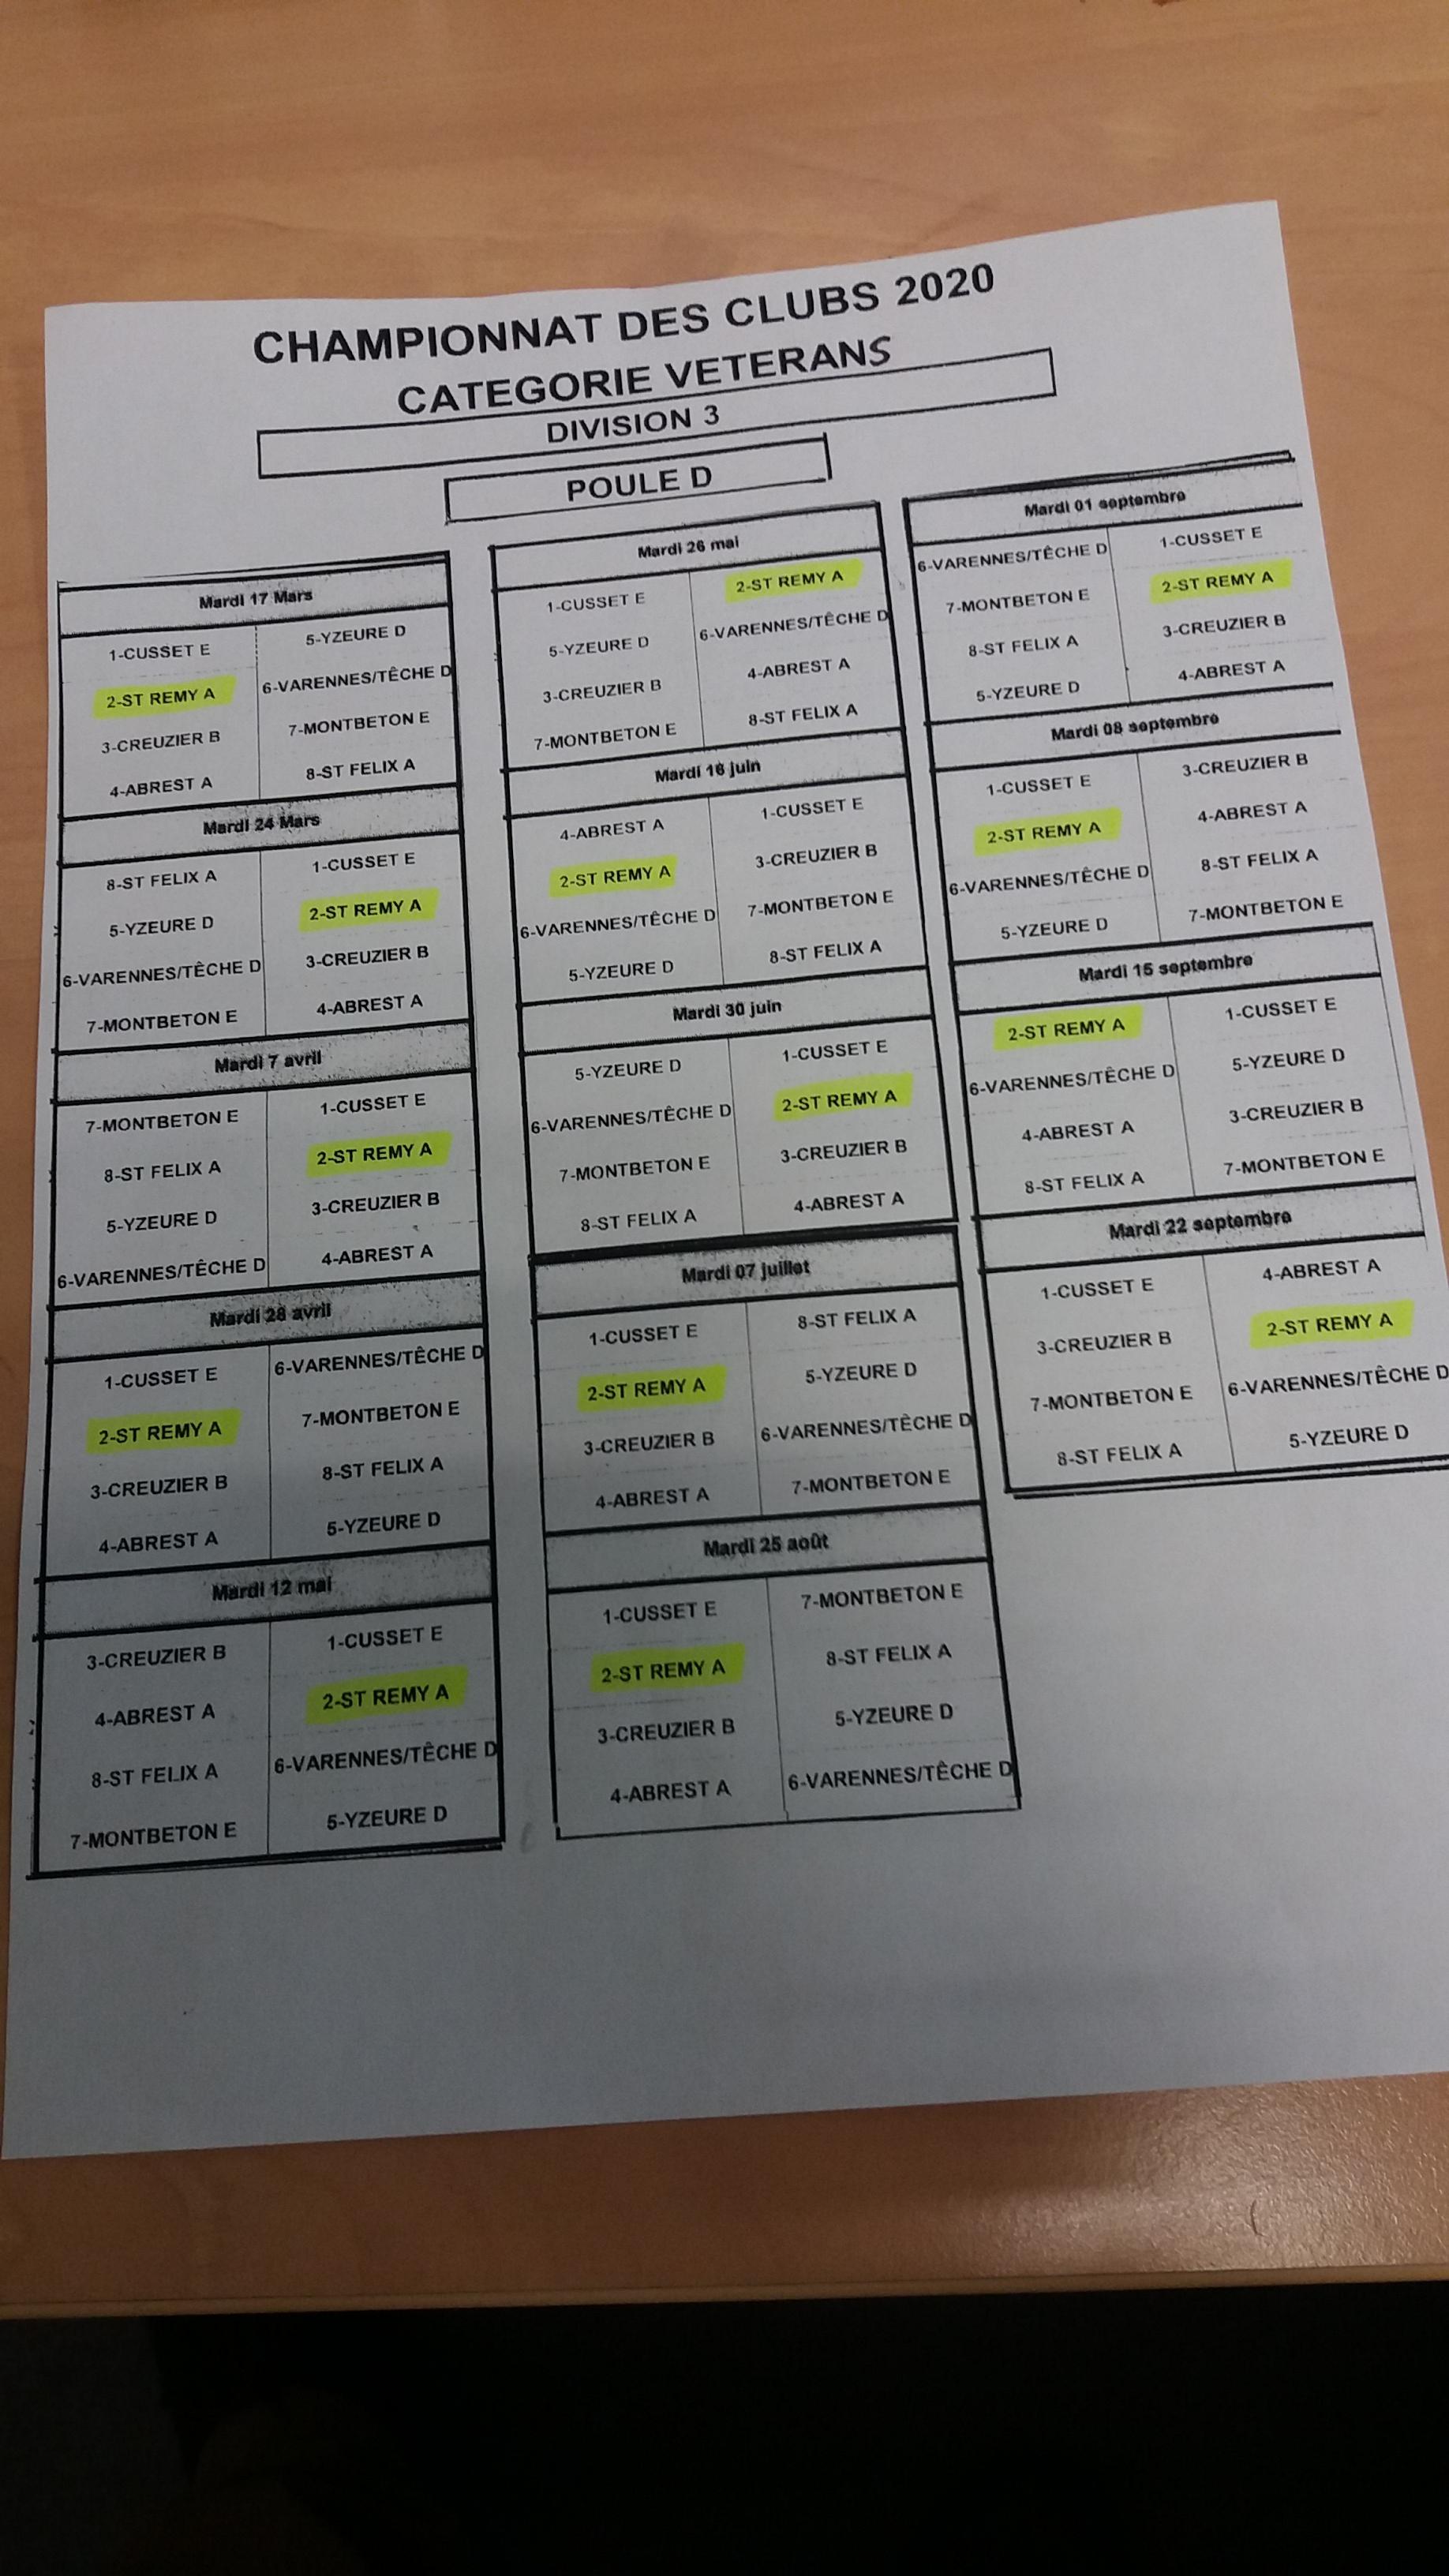 RECTIFICATIF DU TIRAGE DES RENCONTRES DE CHAMPIONNAT DES CLUBS VETERANS